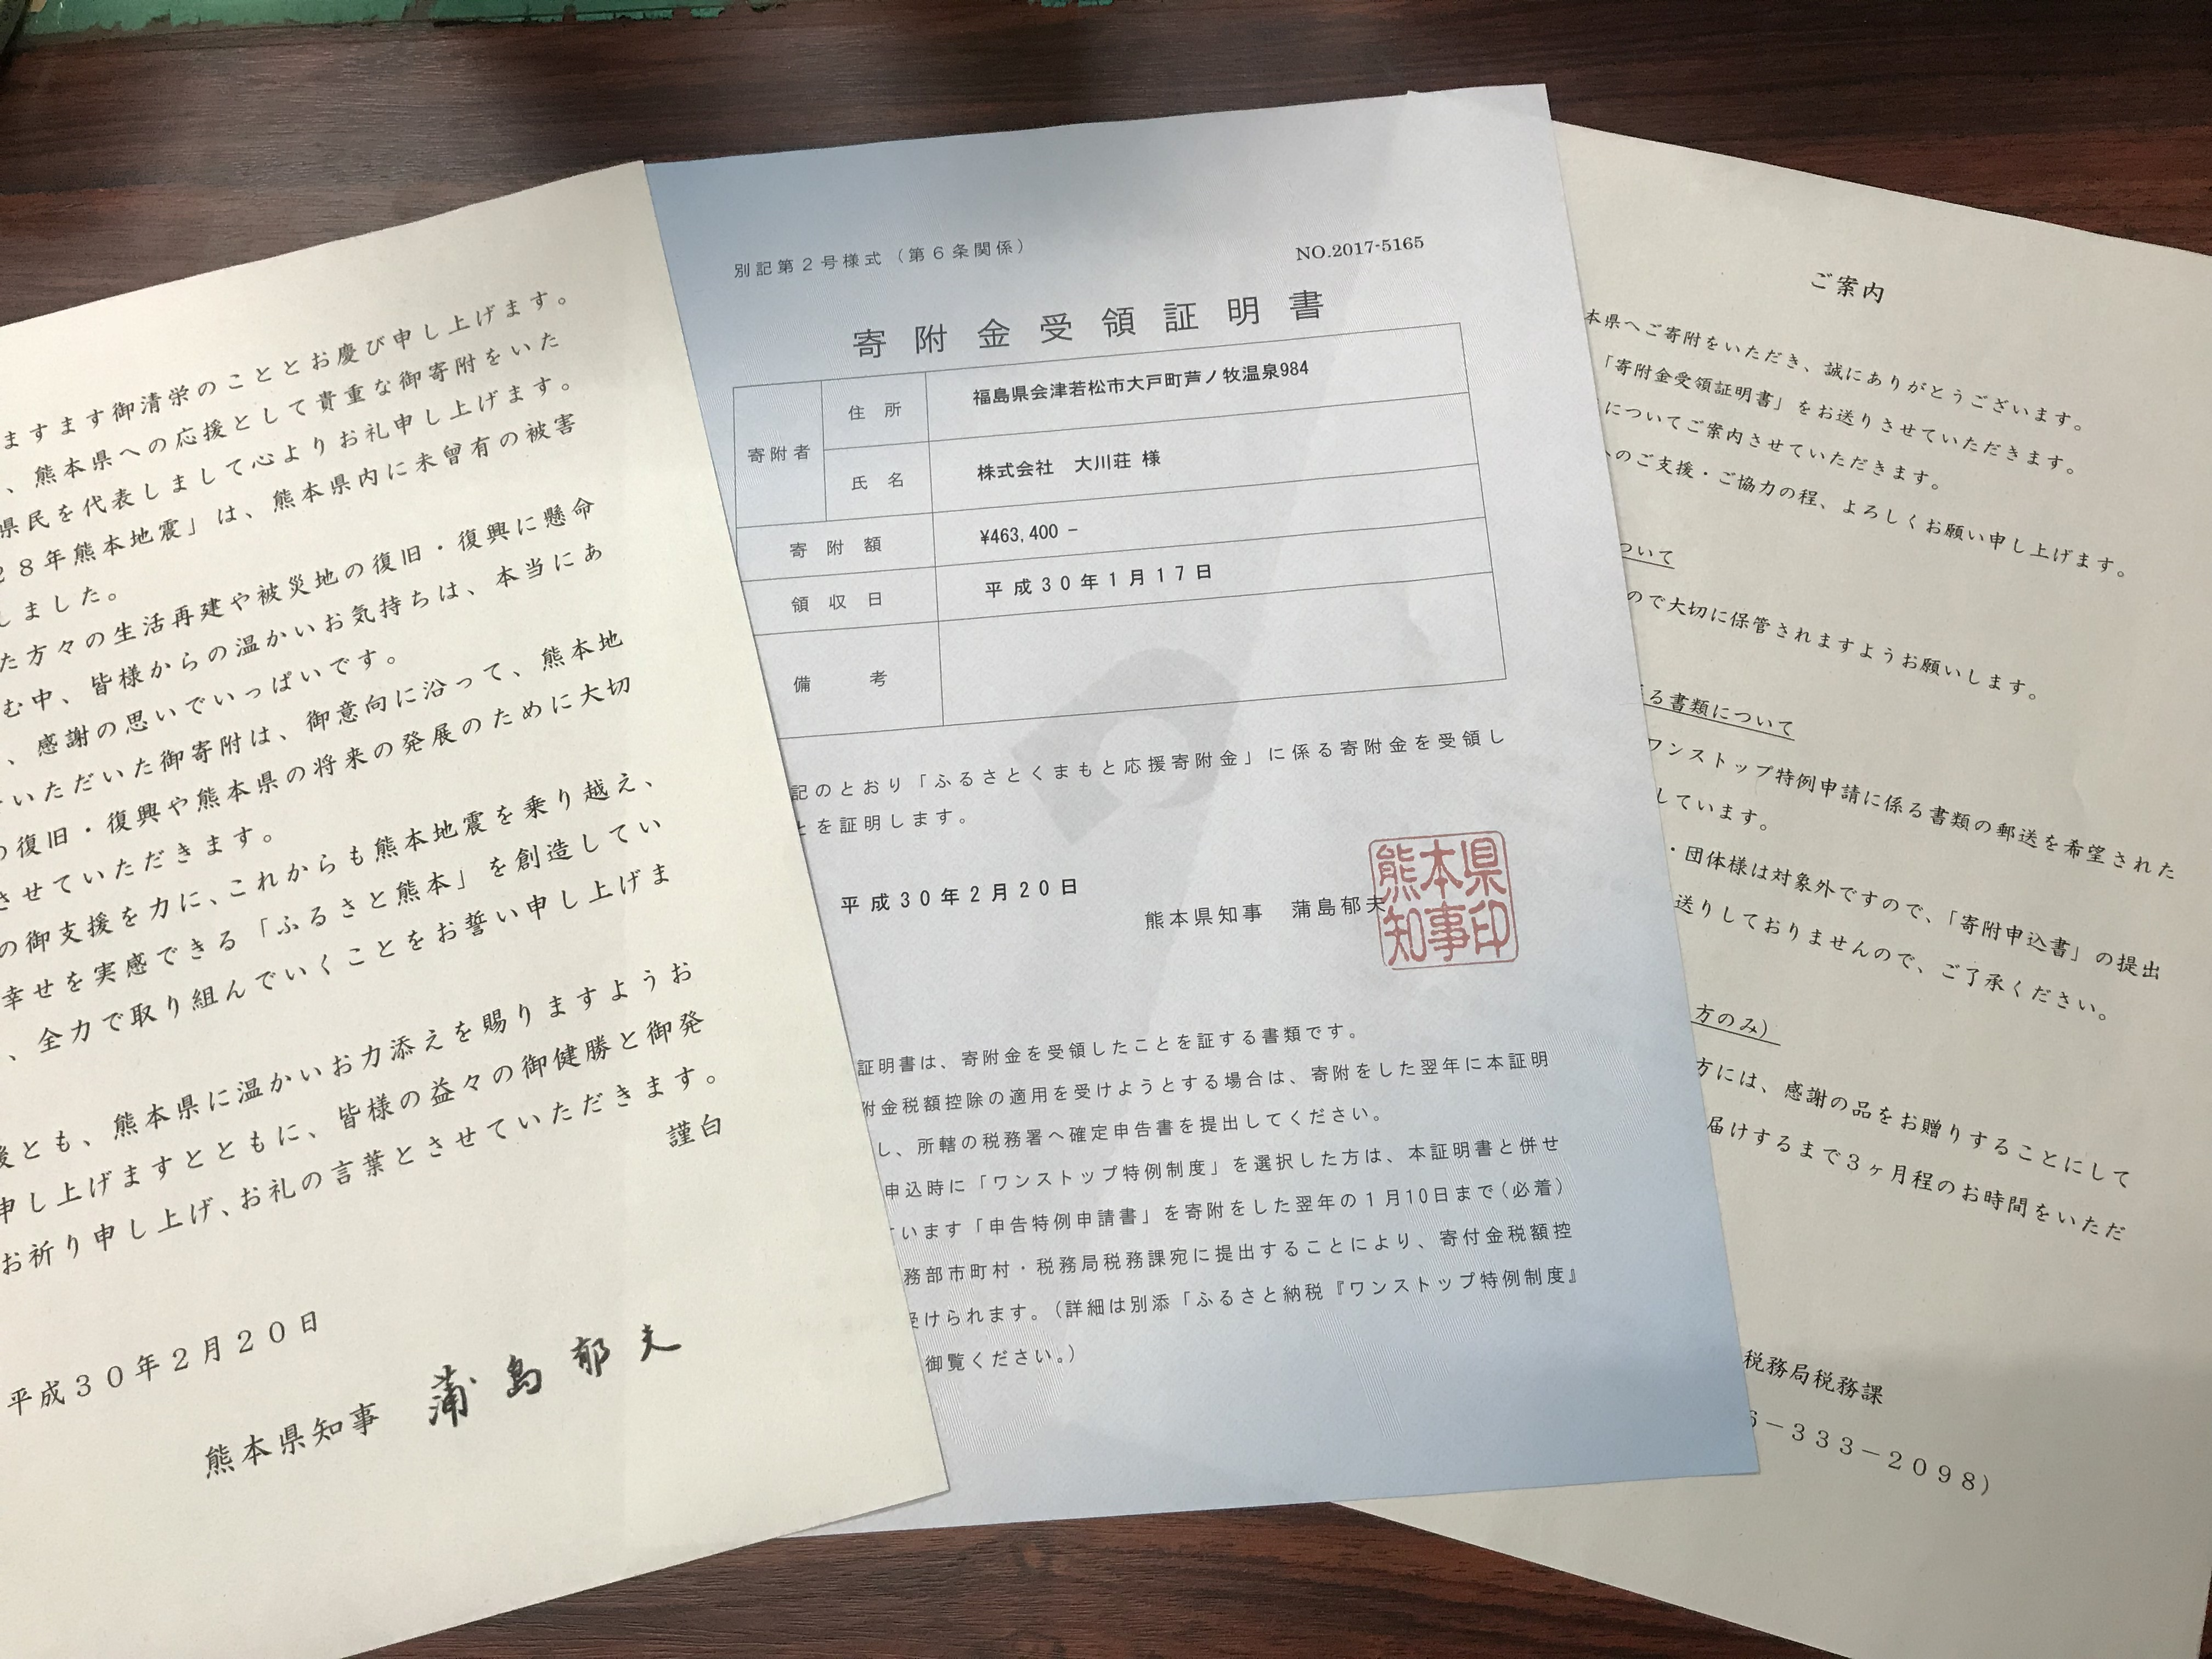 熊本地震の寄付金について